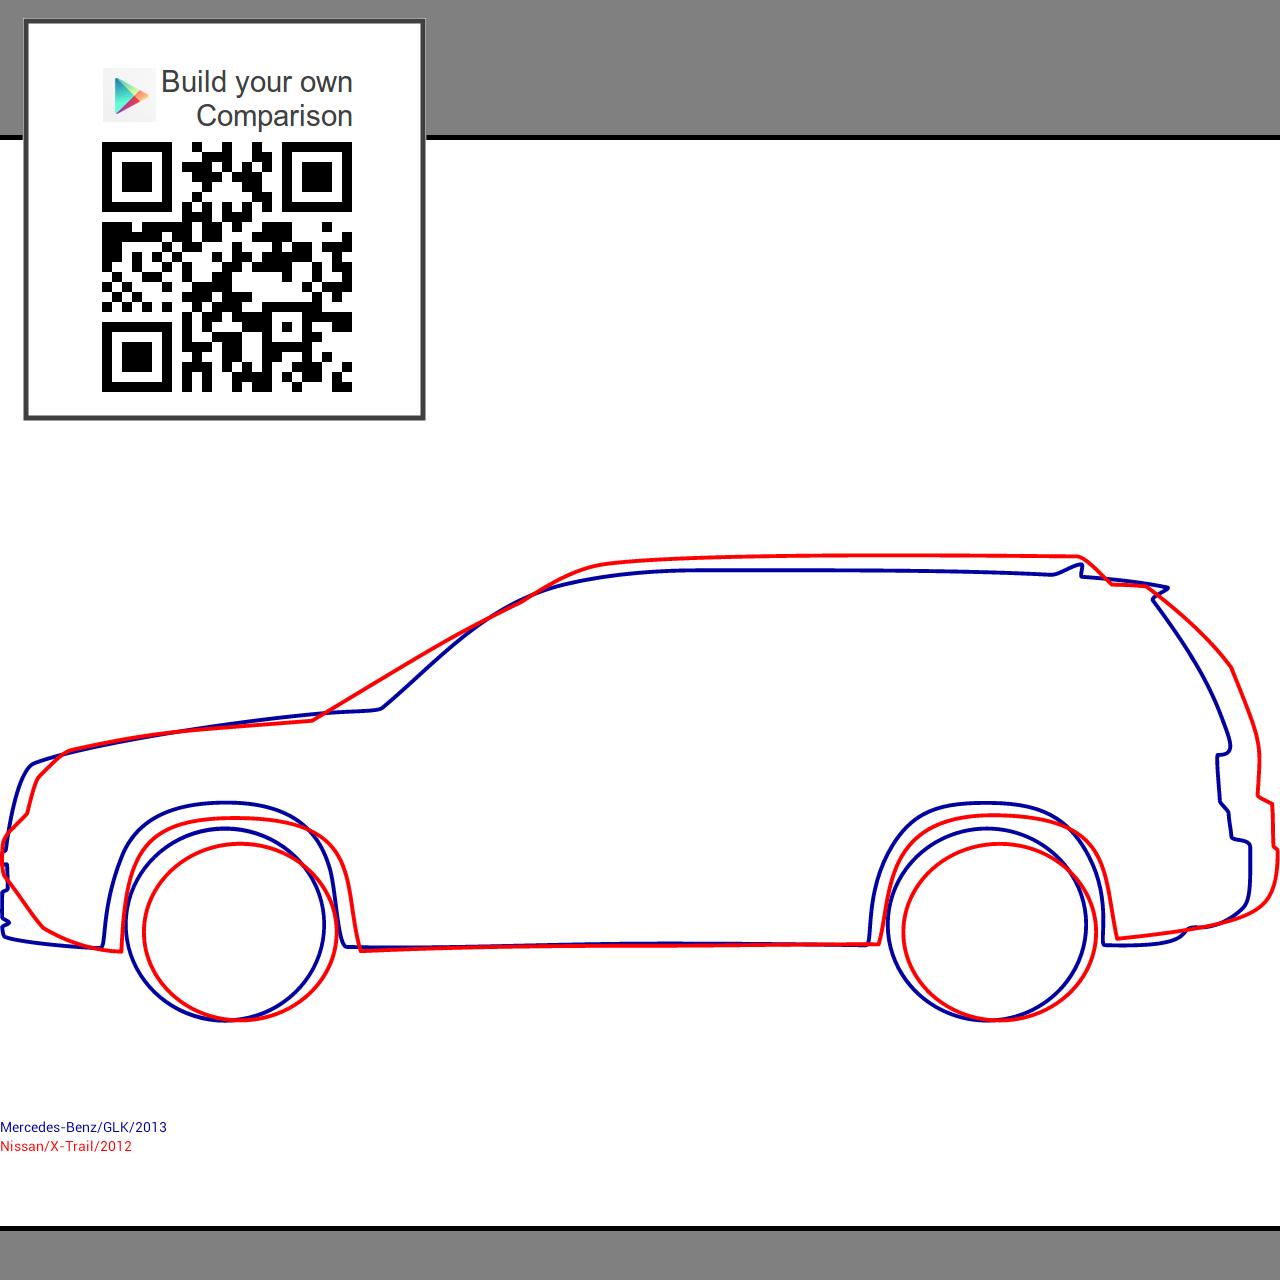 Mercedes benz glk 2013 vs nissan x trail 2012 compare dimensions visually